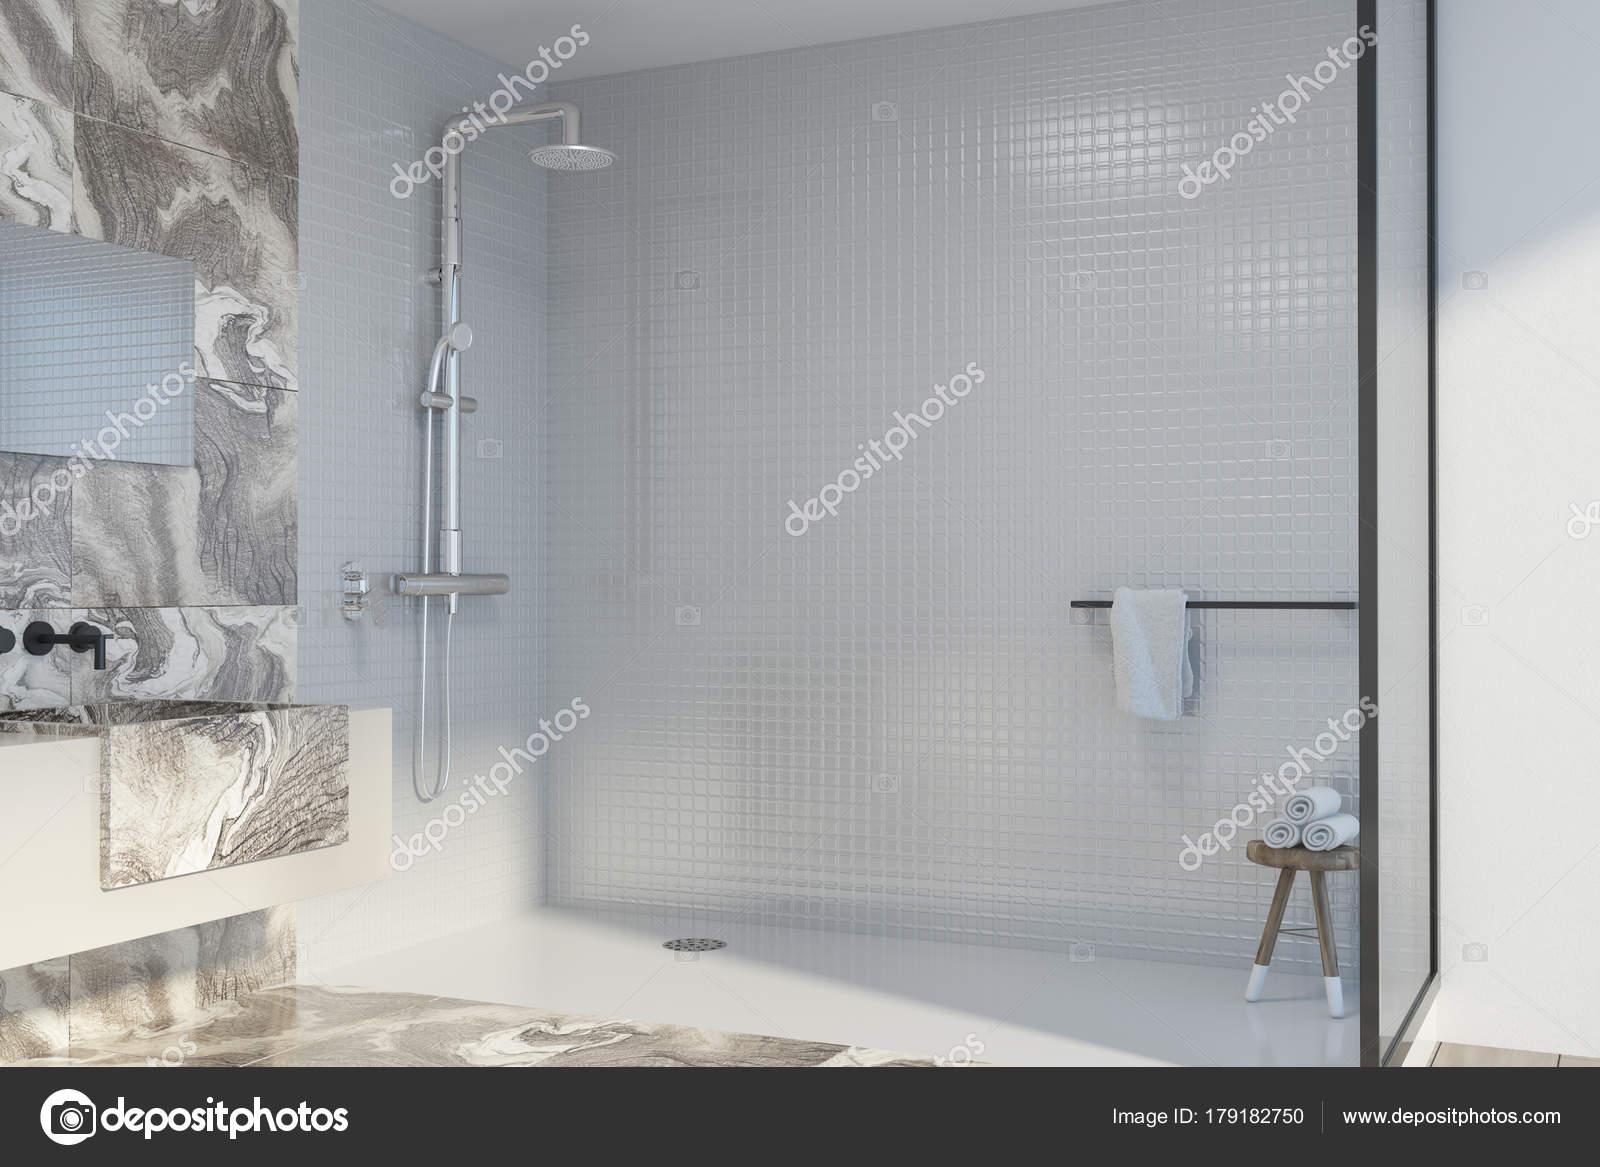 Ecke weißer Marmor-Badezimmer, Dusche und Waschbecken — Stockfoto ...